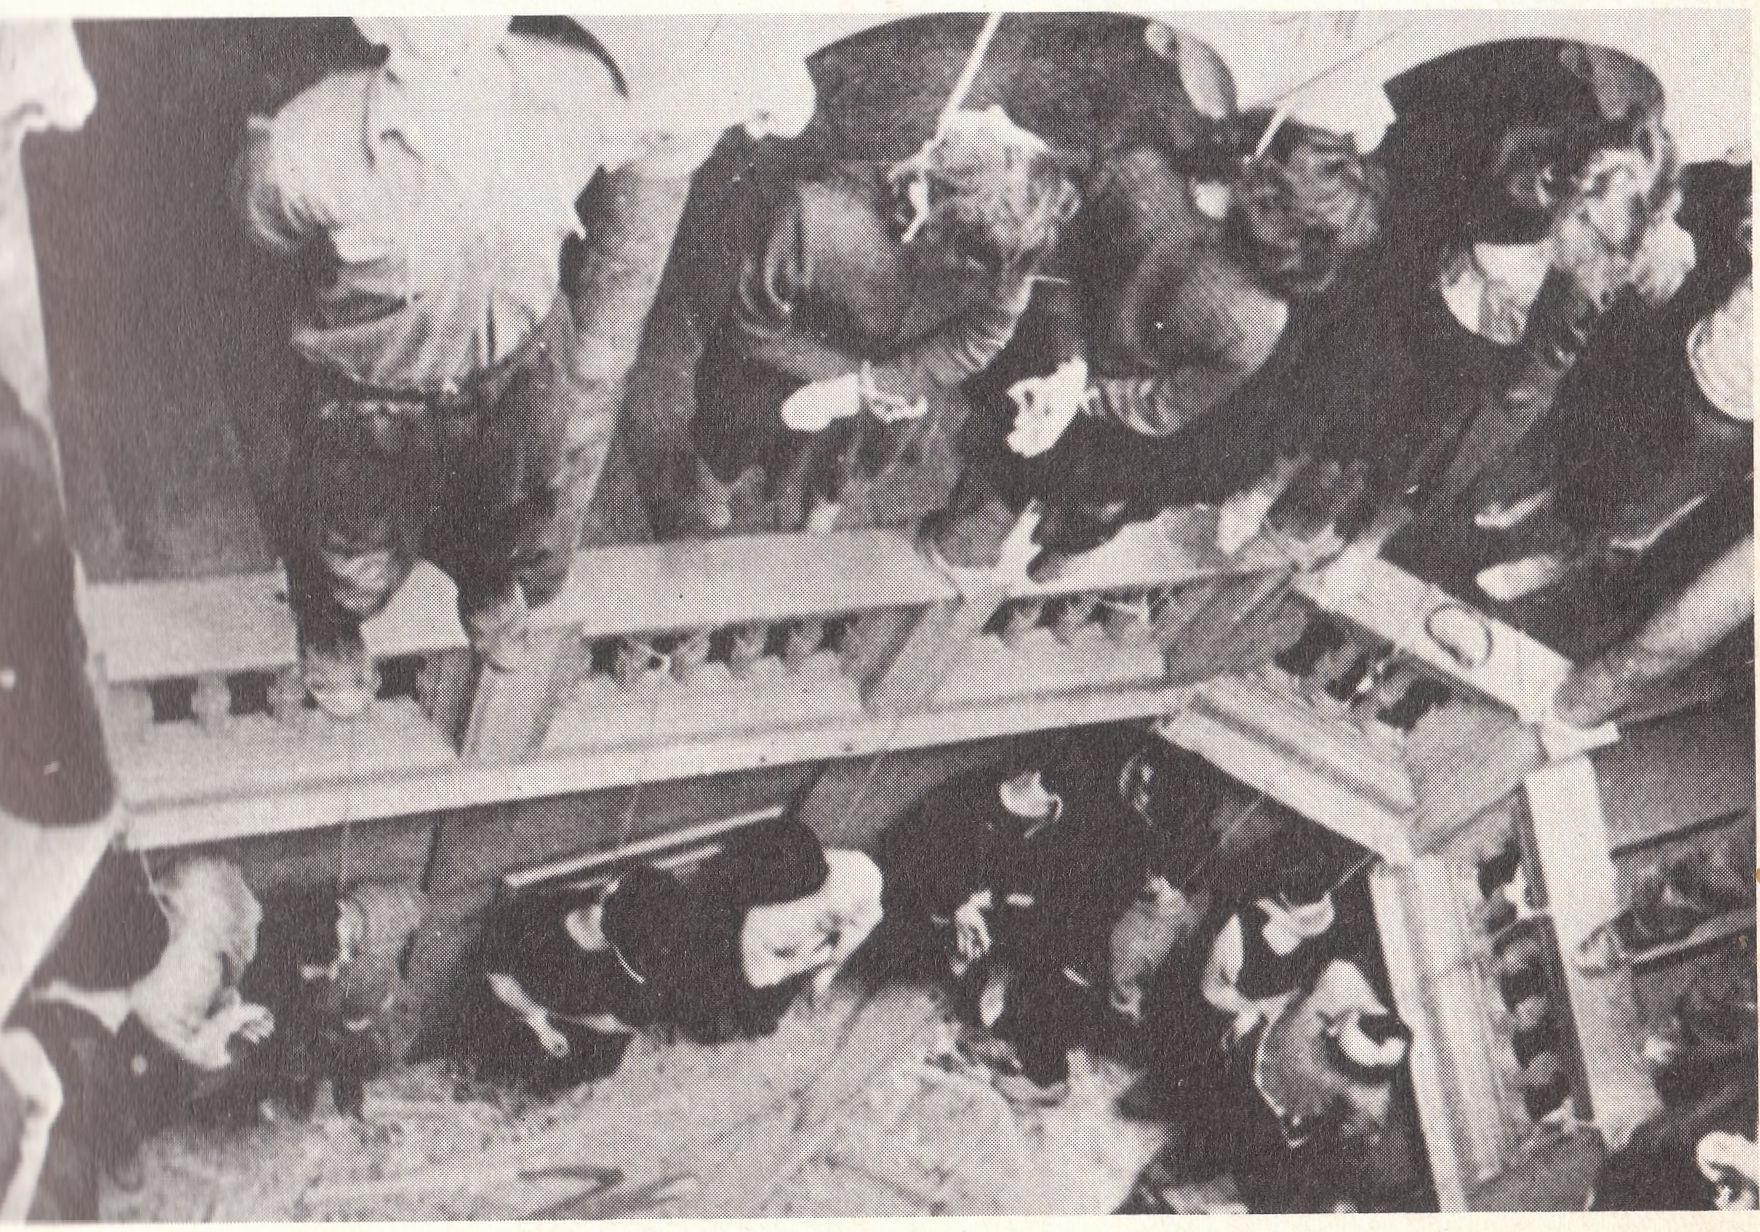 23 aprile 1944. La tromba delle scale di Palazzo Rittmeyer, via Ghega, Trieste, coi 51 ostaggi impiccati dai nazifascisti.